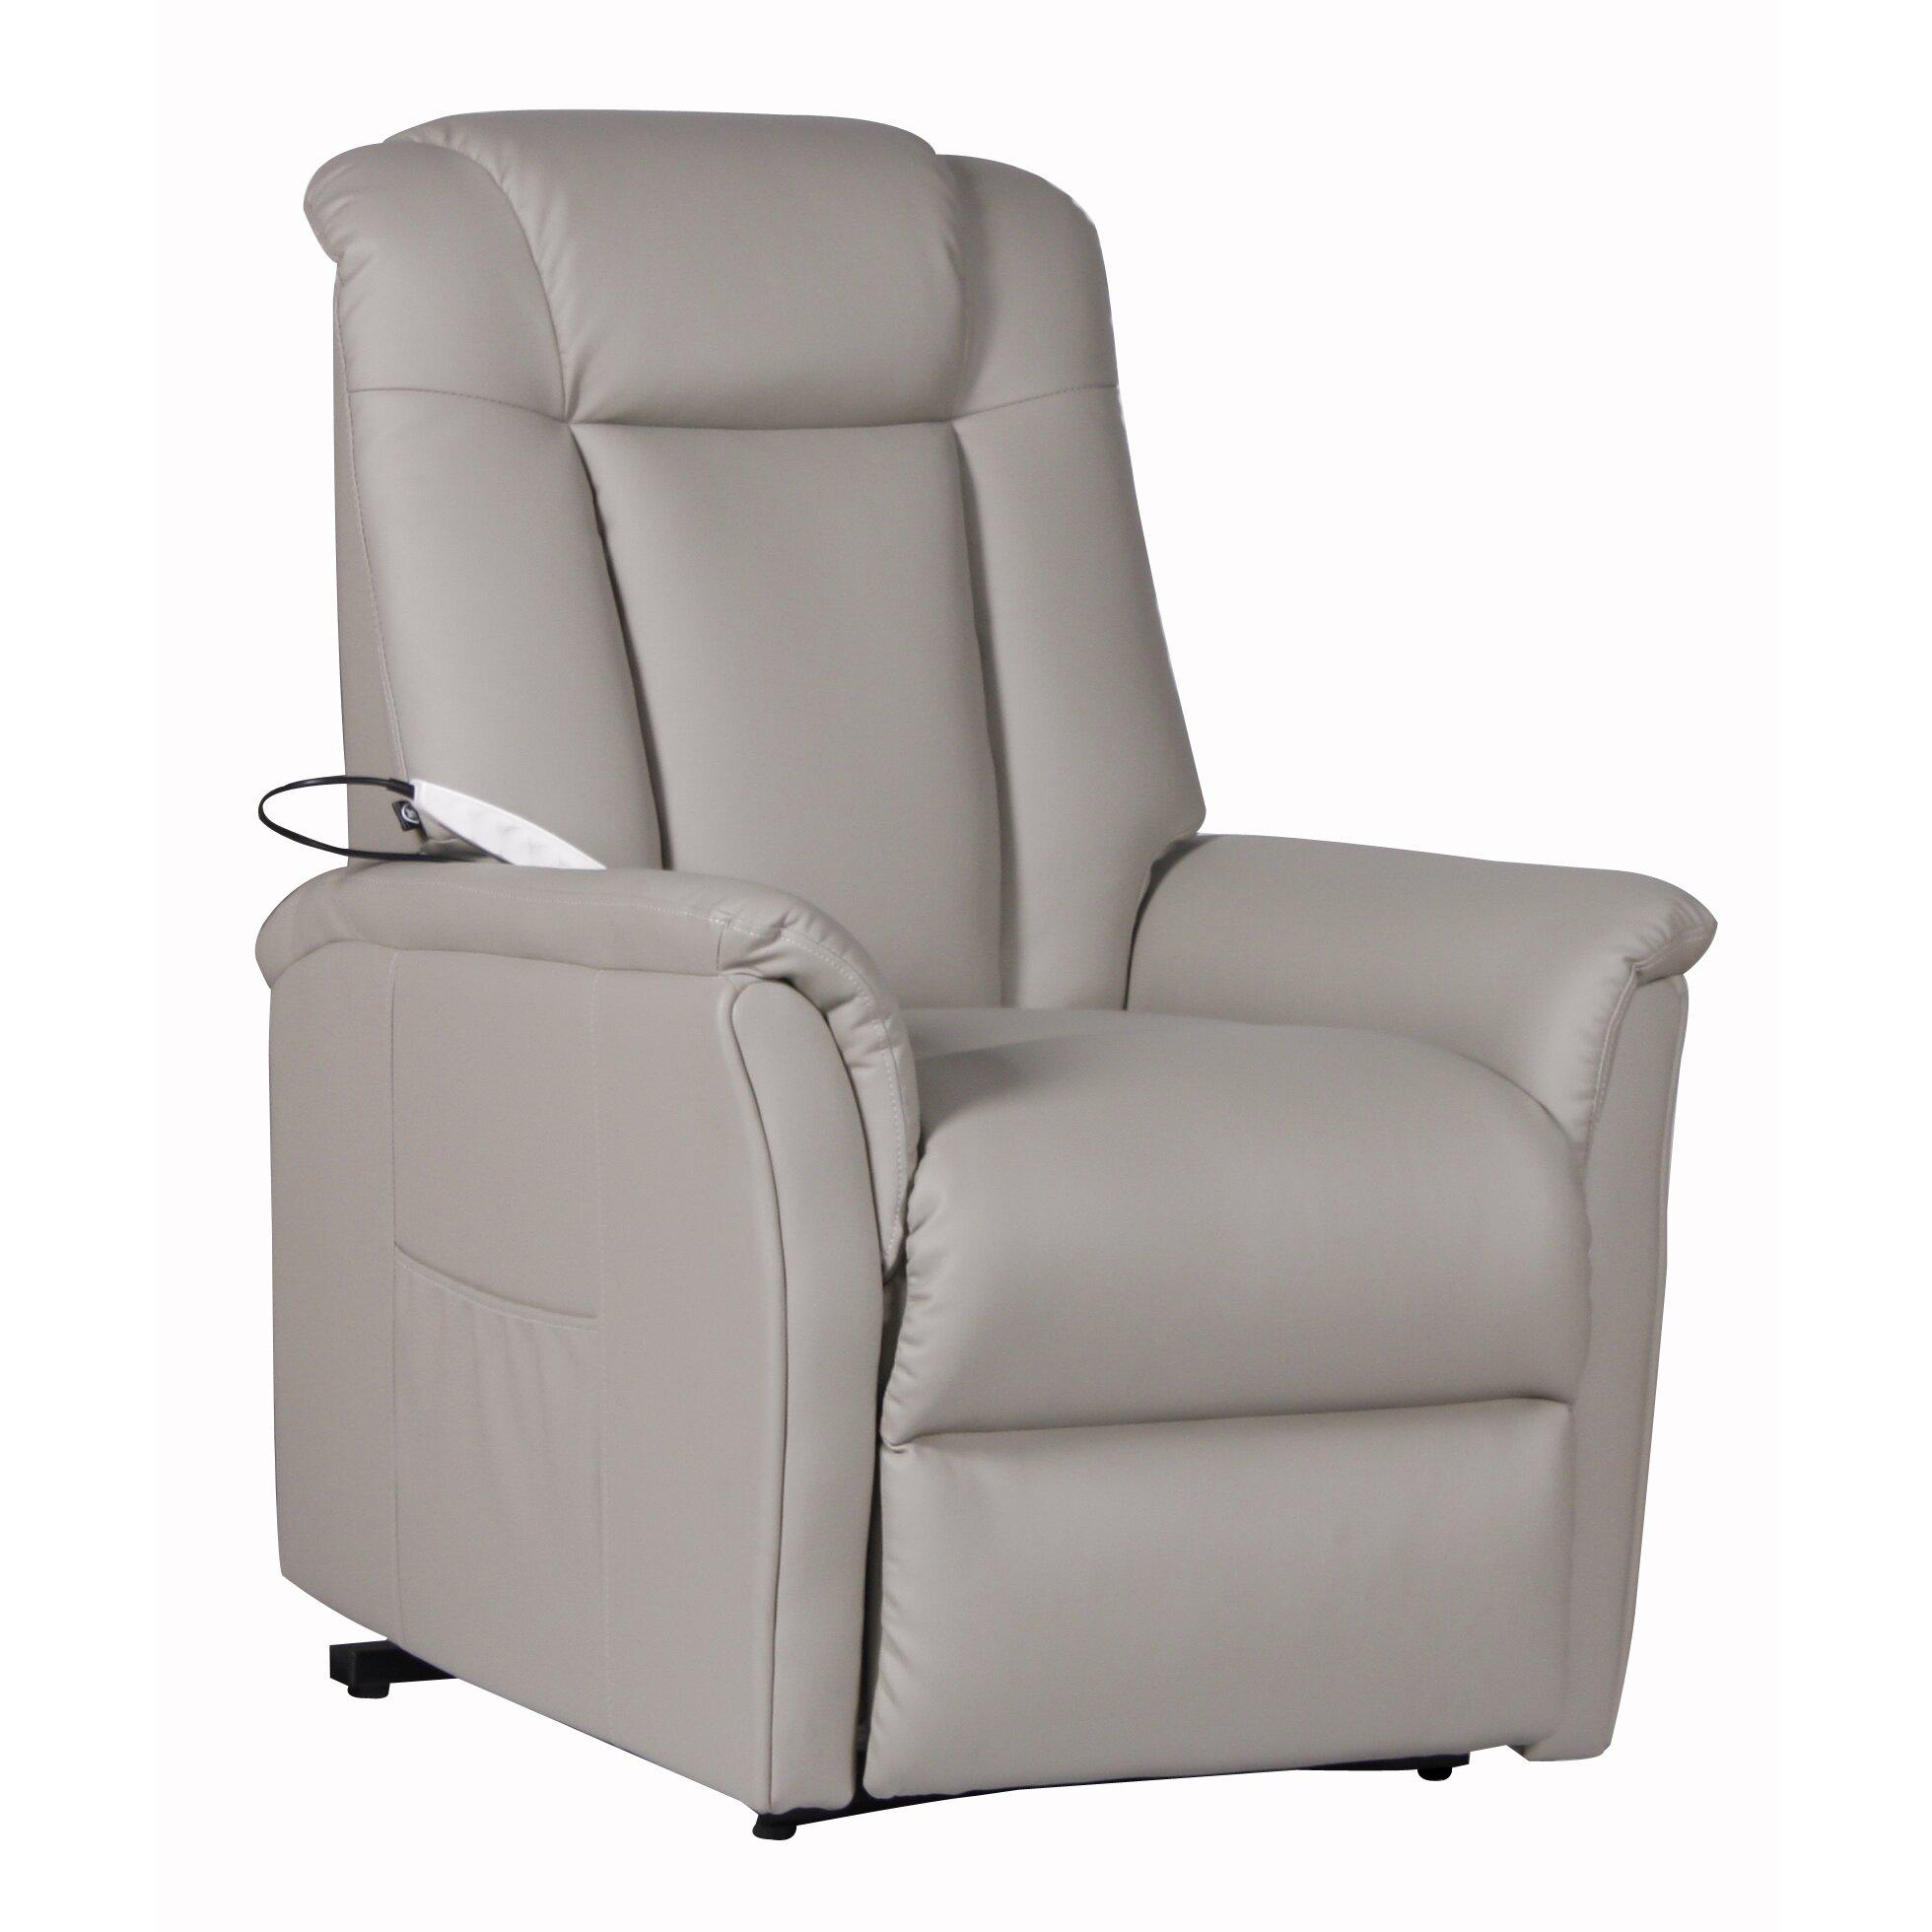 Ultra fort Lift Chair Instachair